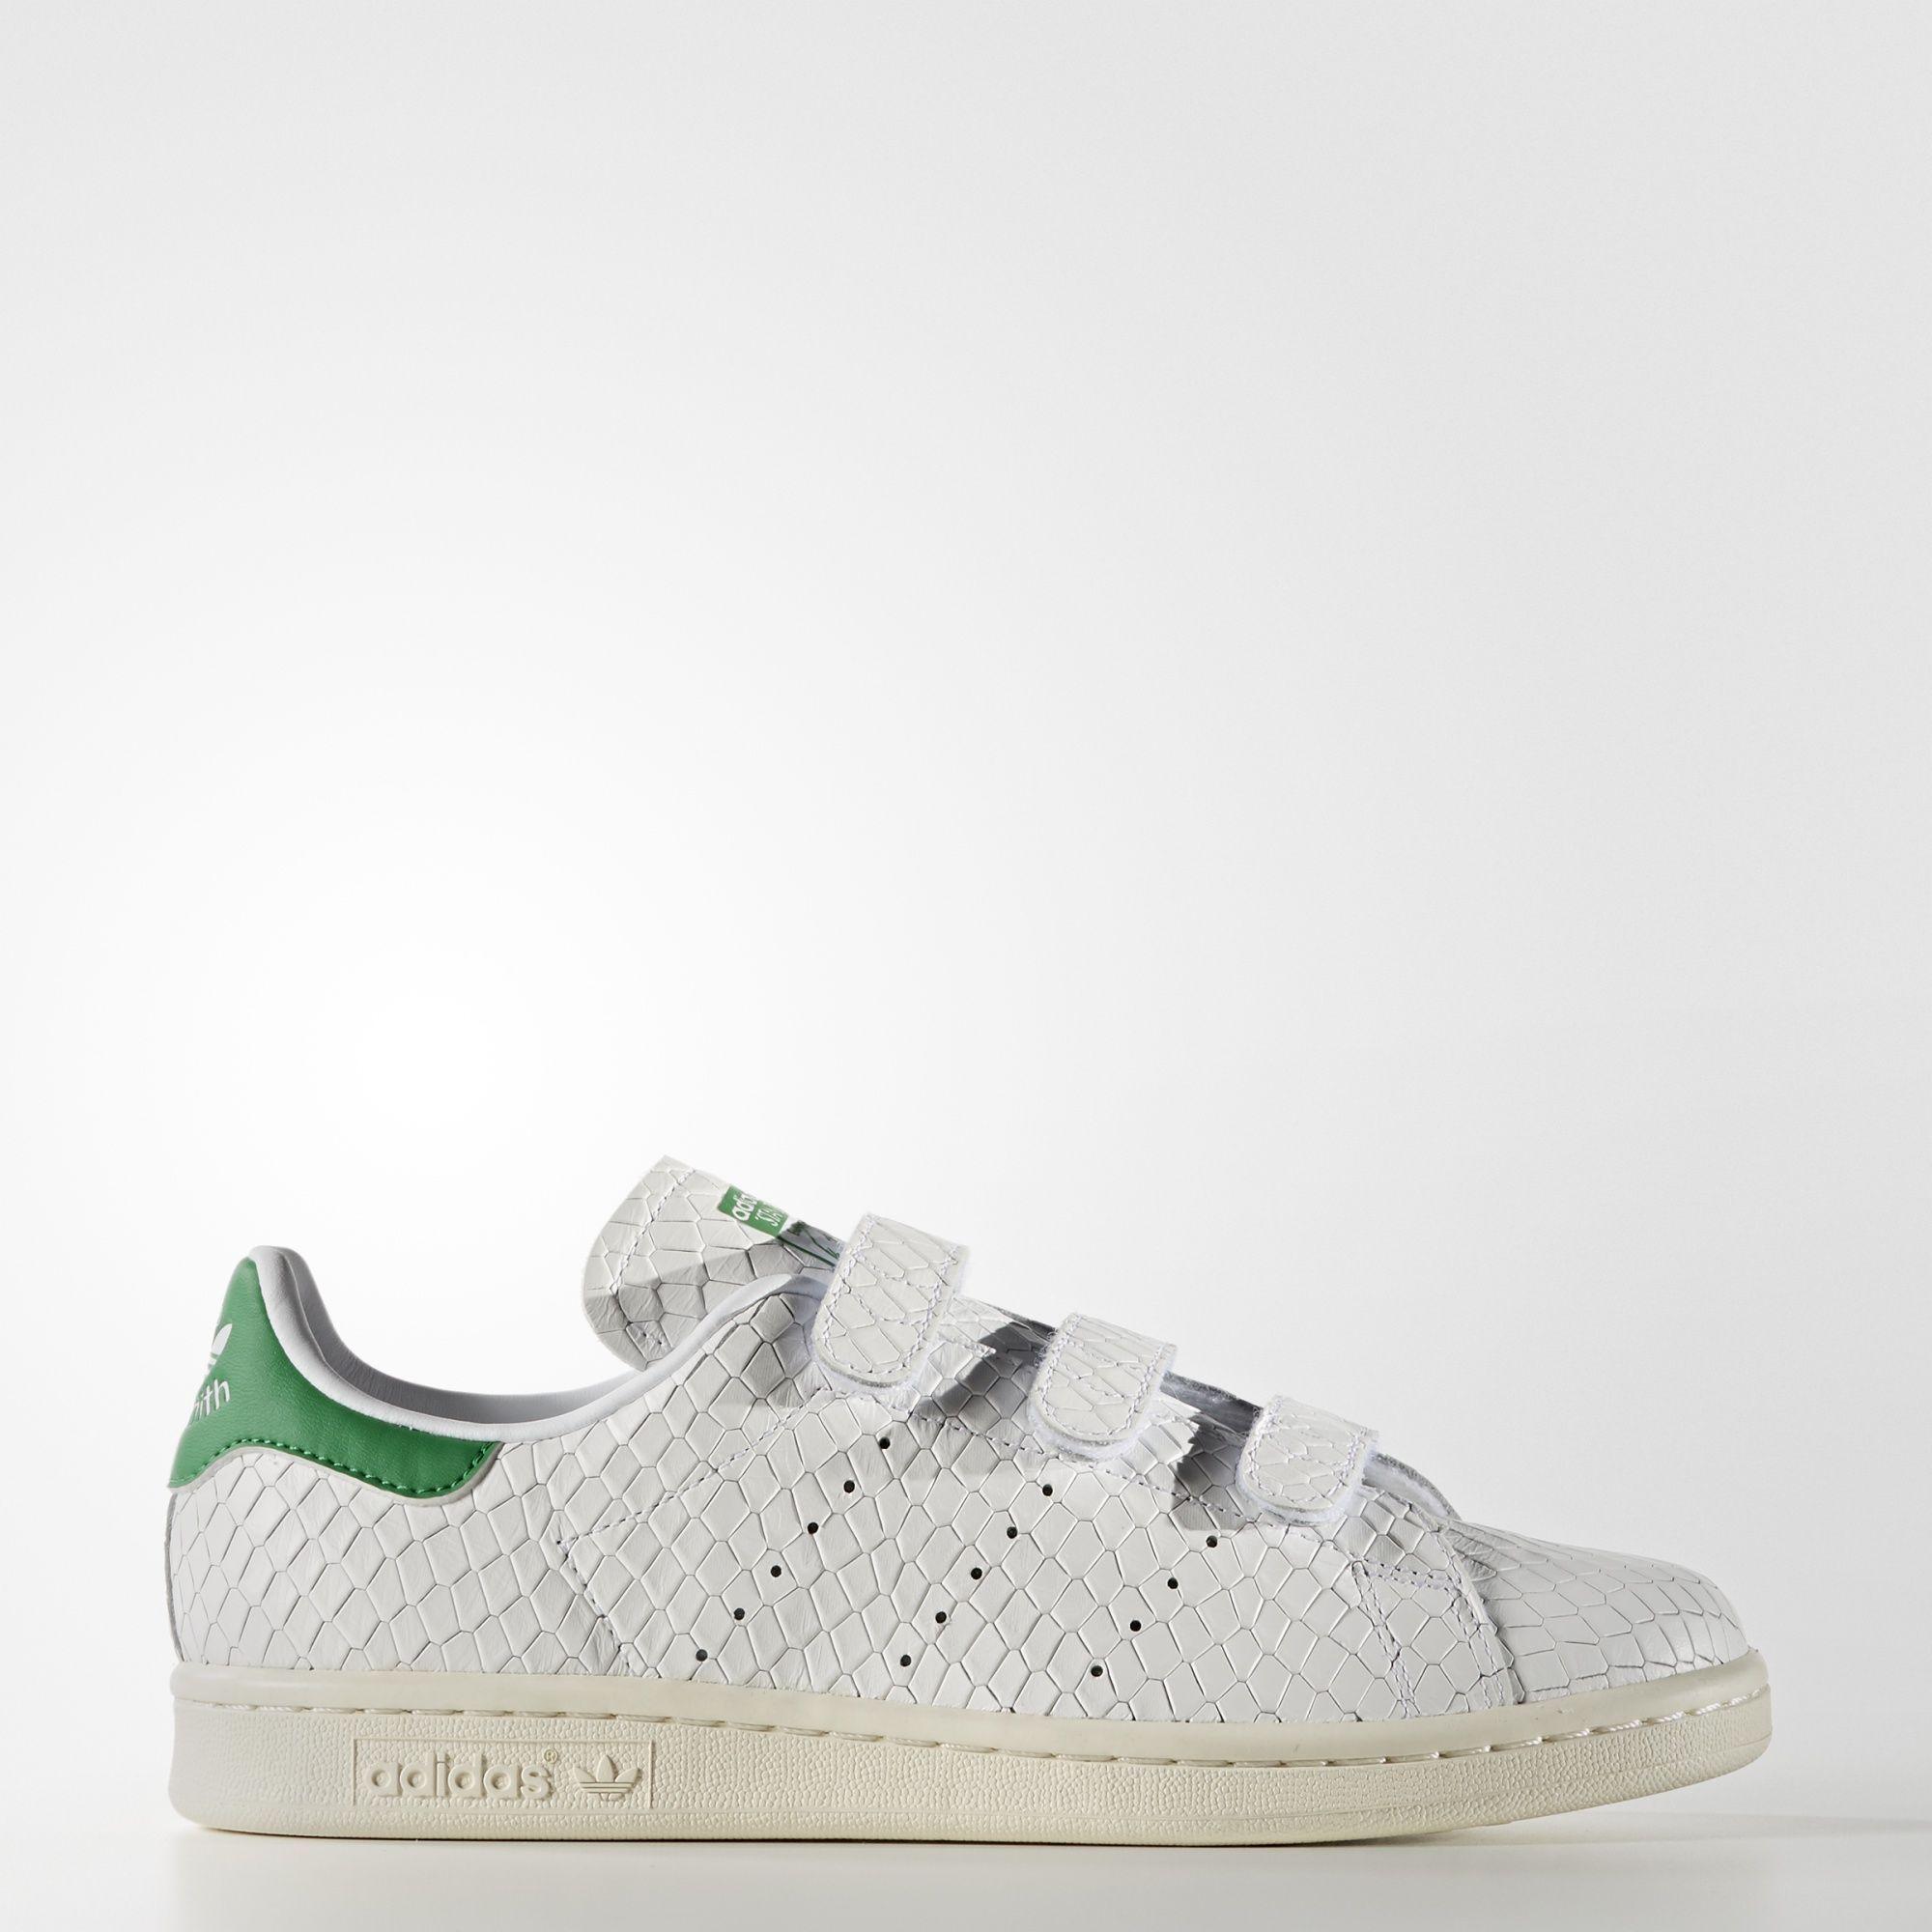 sports shoes 1247d 5d6c5 adidas - Stan Smith Shoes